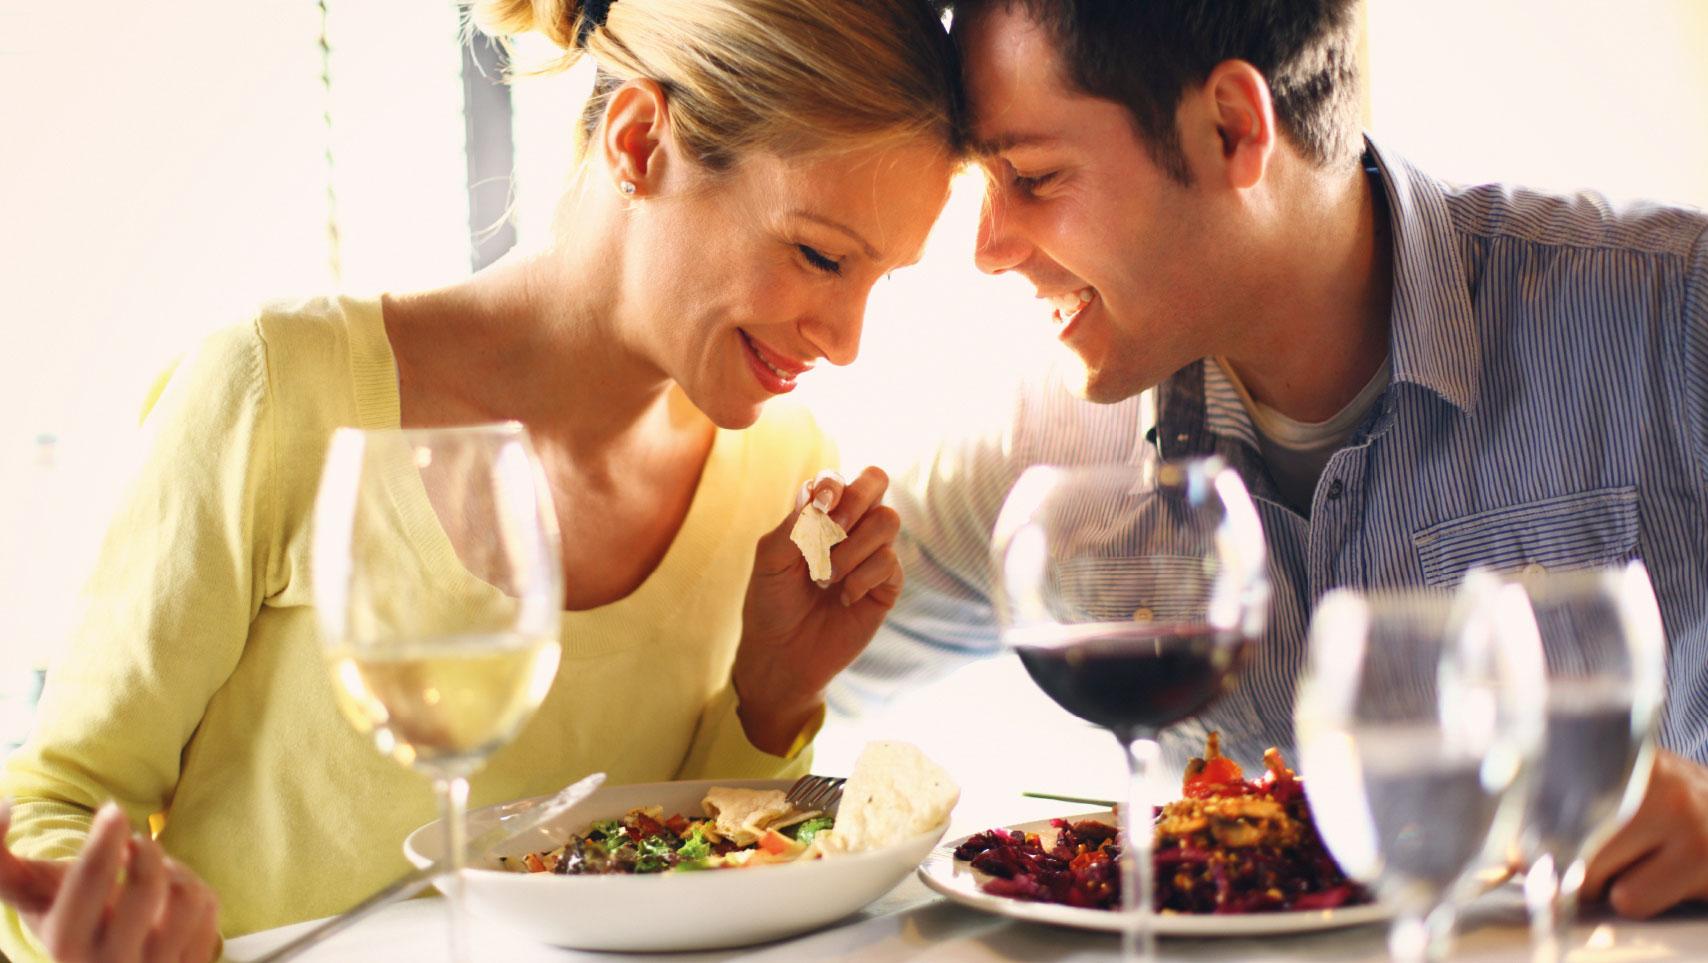 Zwei Personen beim Dinner mit Wein